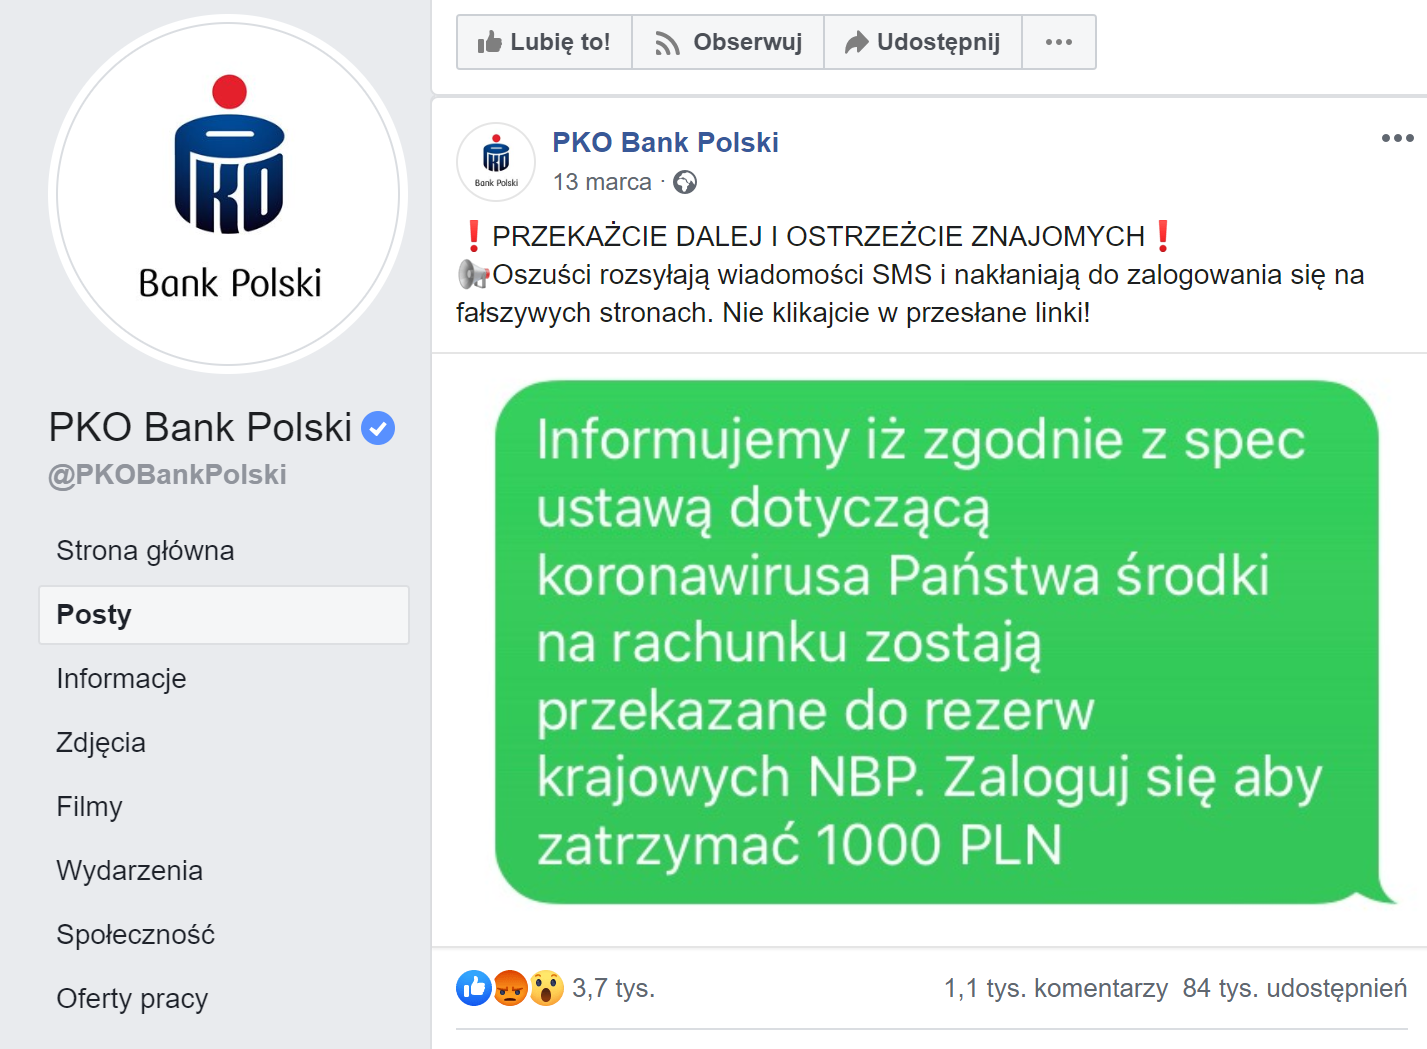 banki2_bpo bank polski - facebook